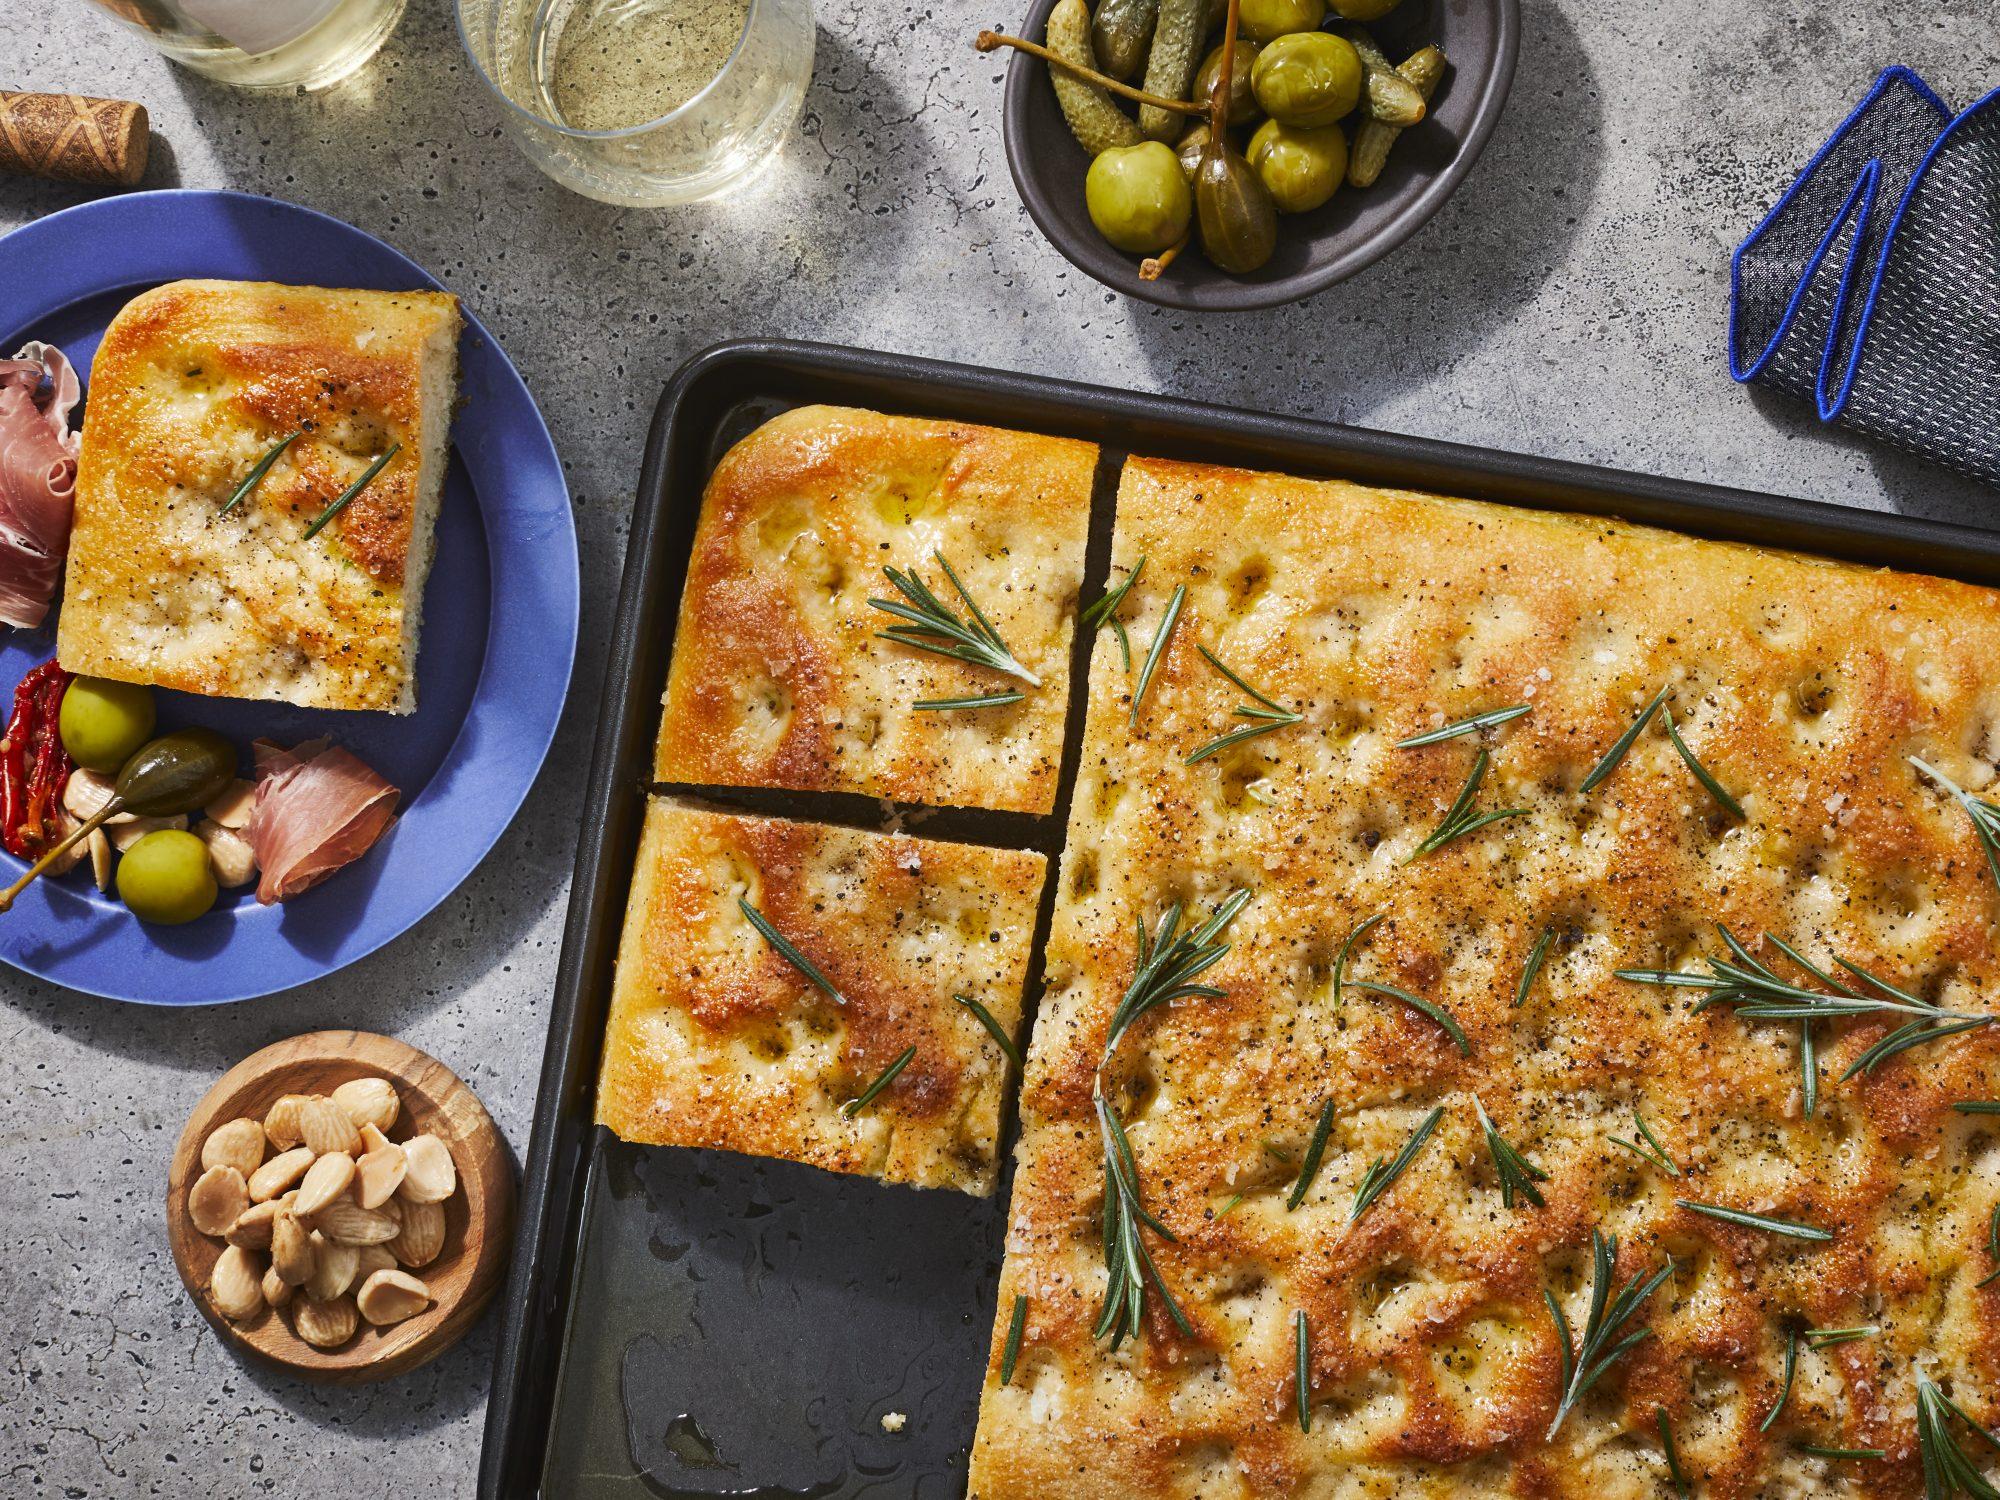 mr - Classic Focaccia Bread Image